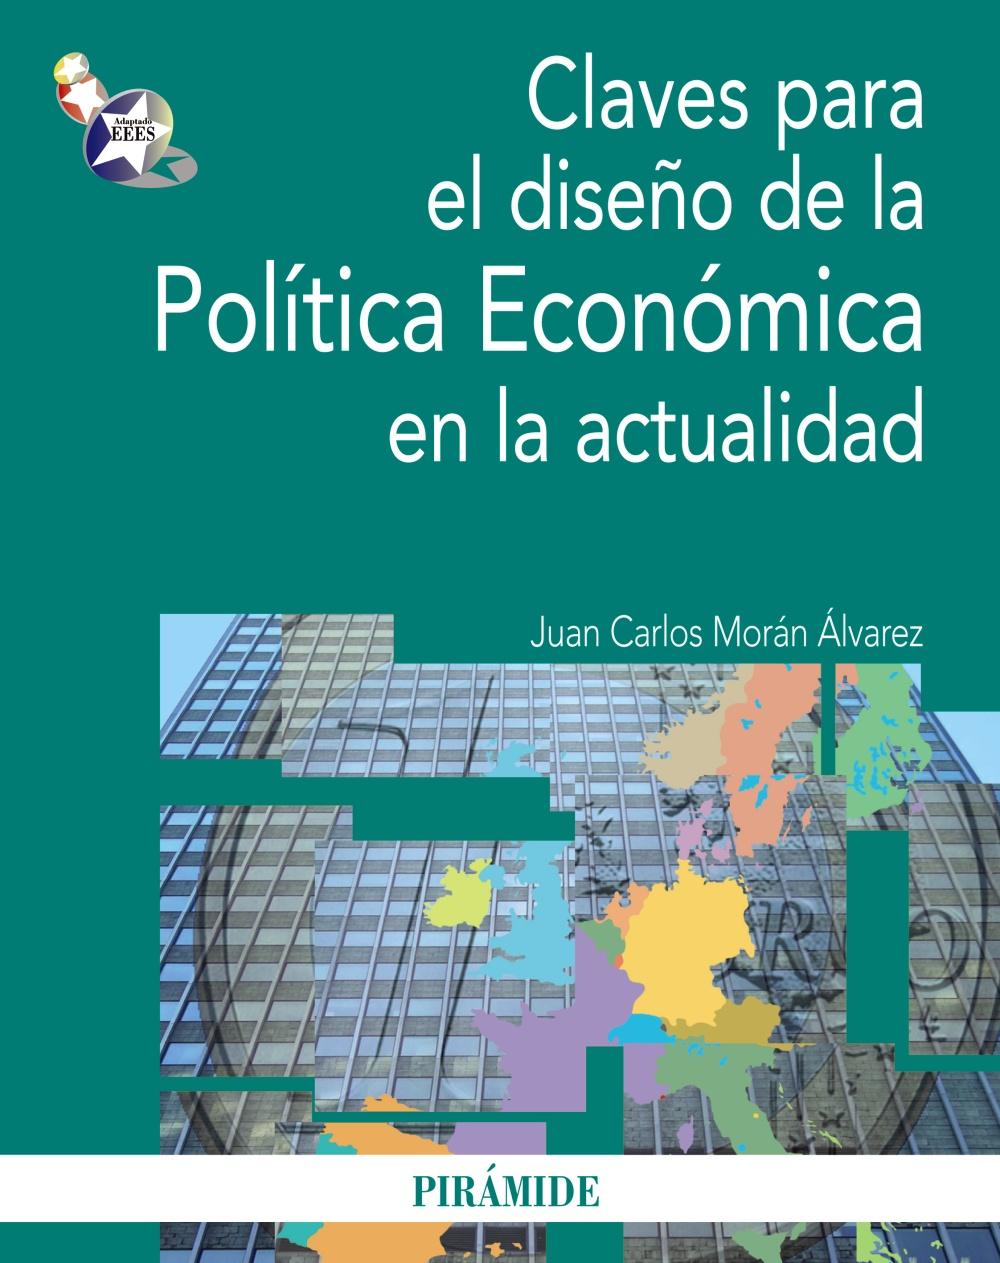 Claves para el diseño de la Política Económica en la actualidad (ebook)